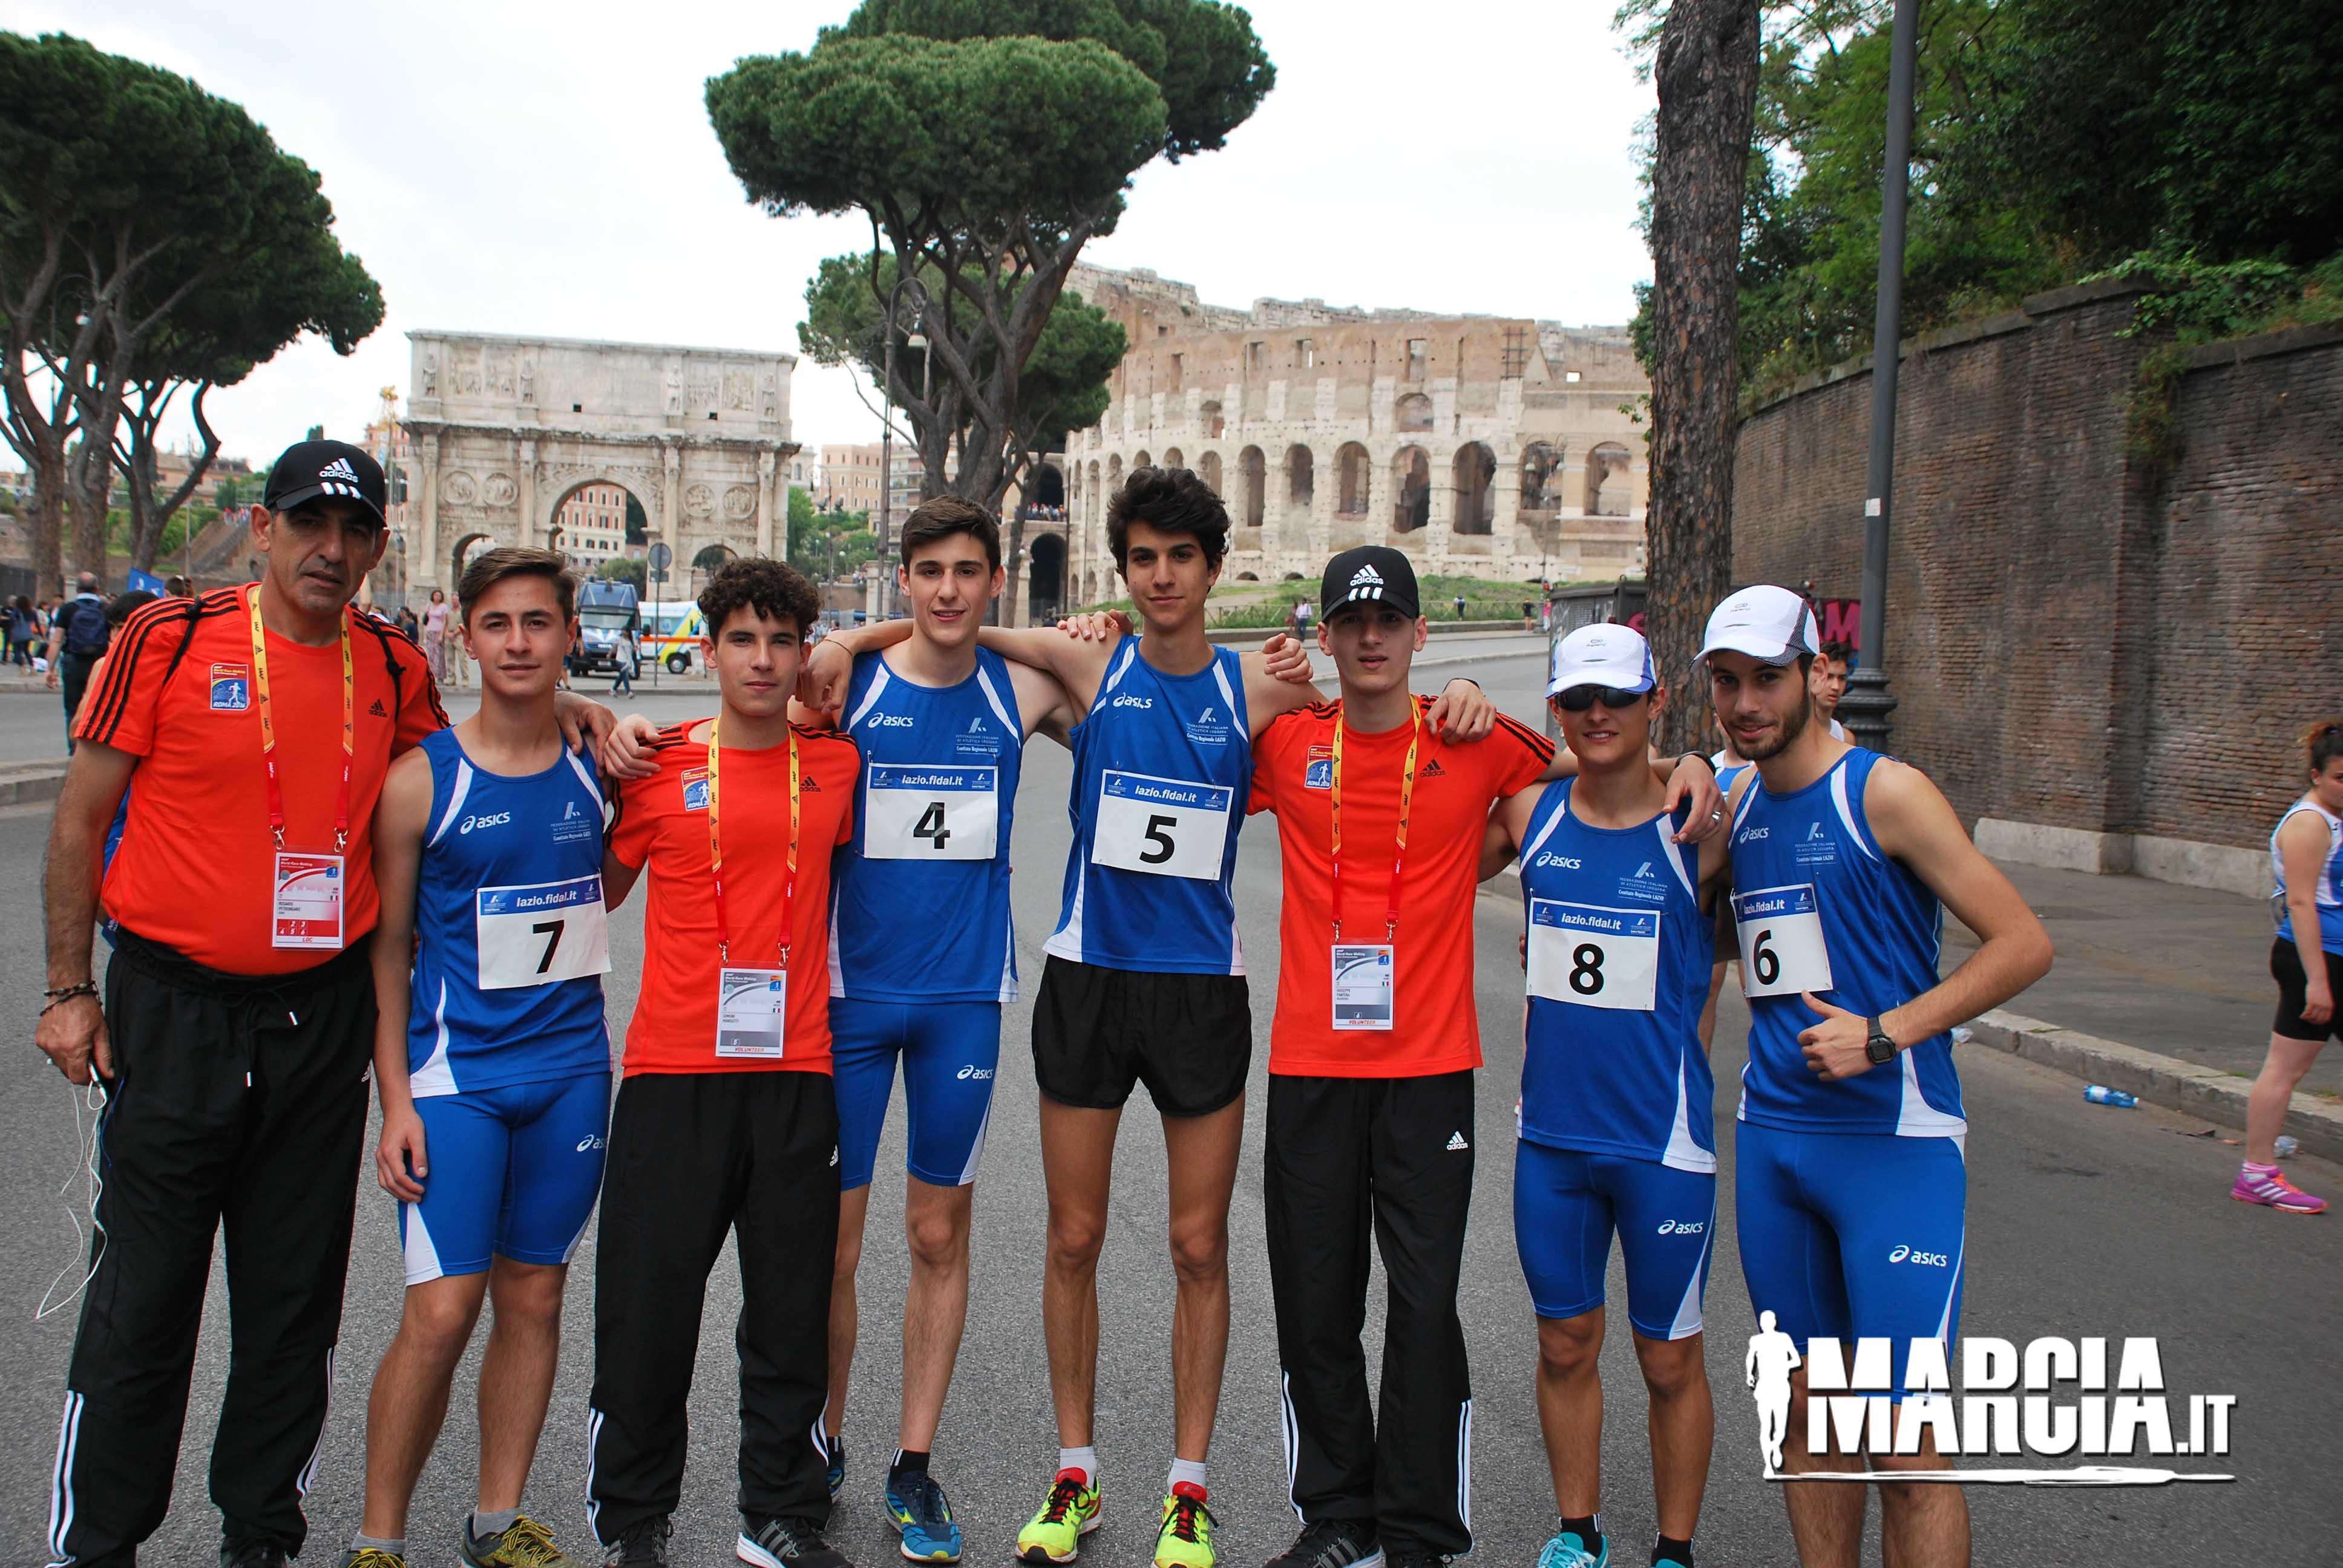 4c6afc2481dcd Festa della Marcia Roma 7 maggio 2016 - Marcia.it